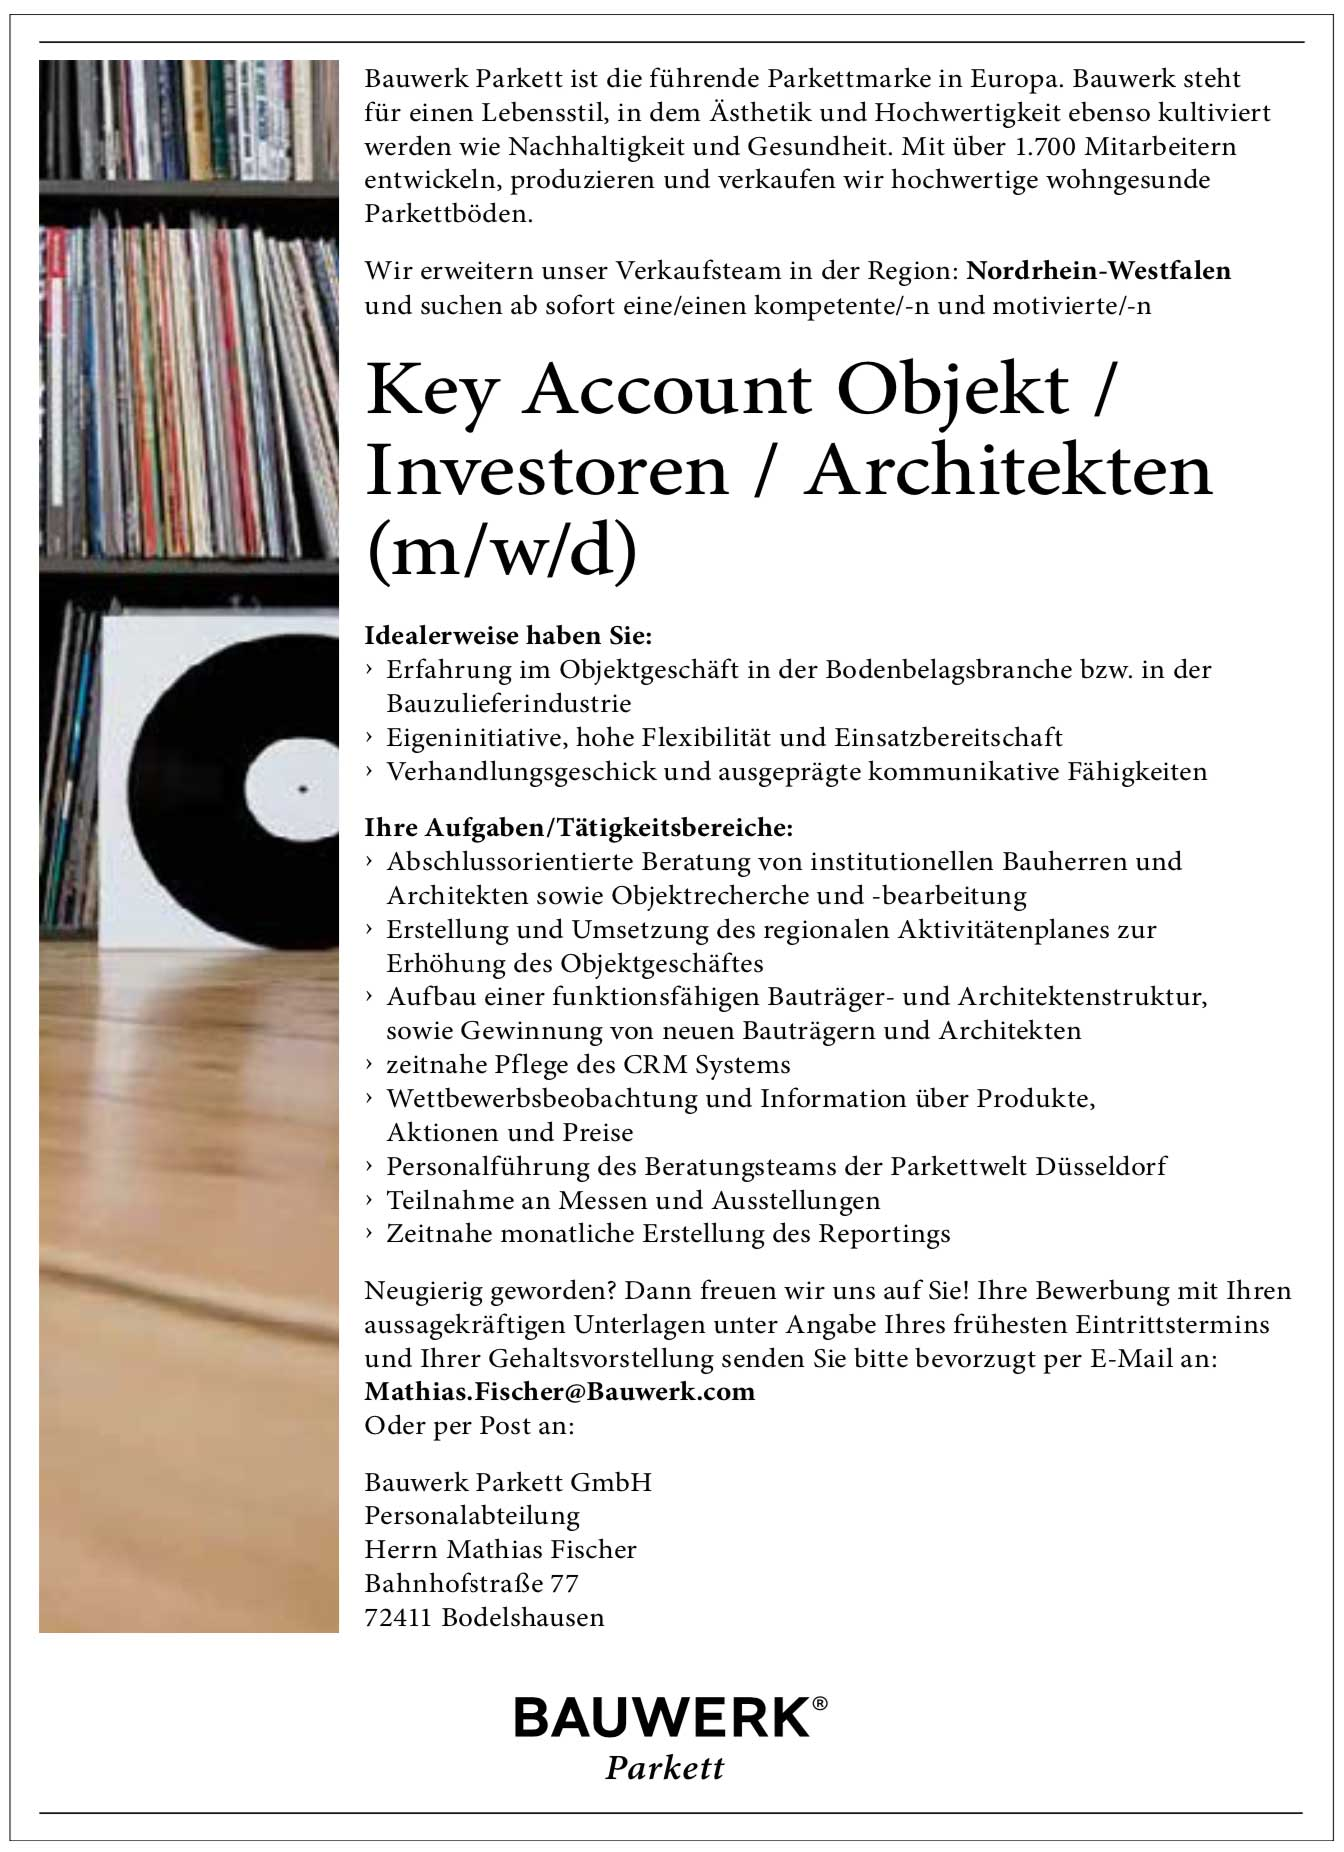 Key Account Objekt/Investoren/Architekten (m/w/d) für Parkett